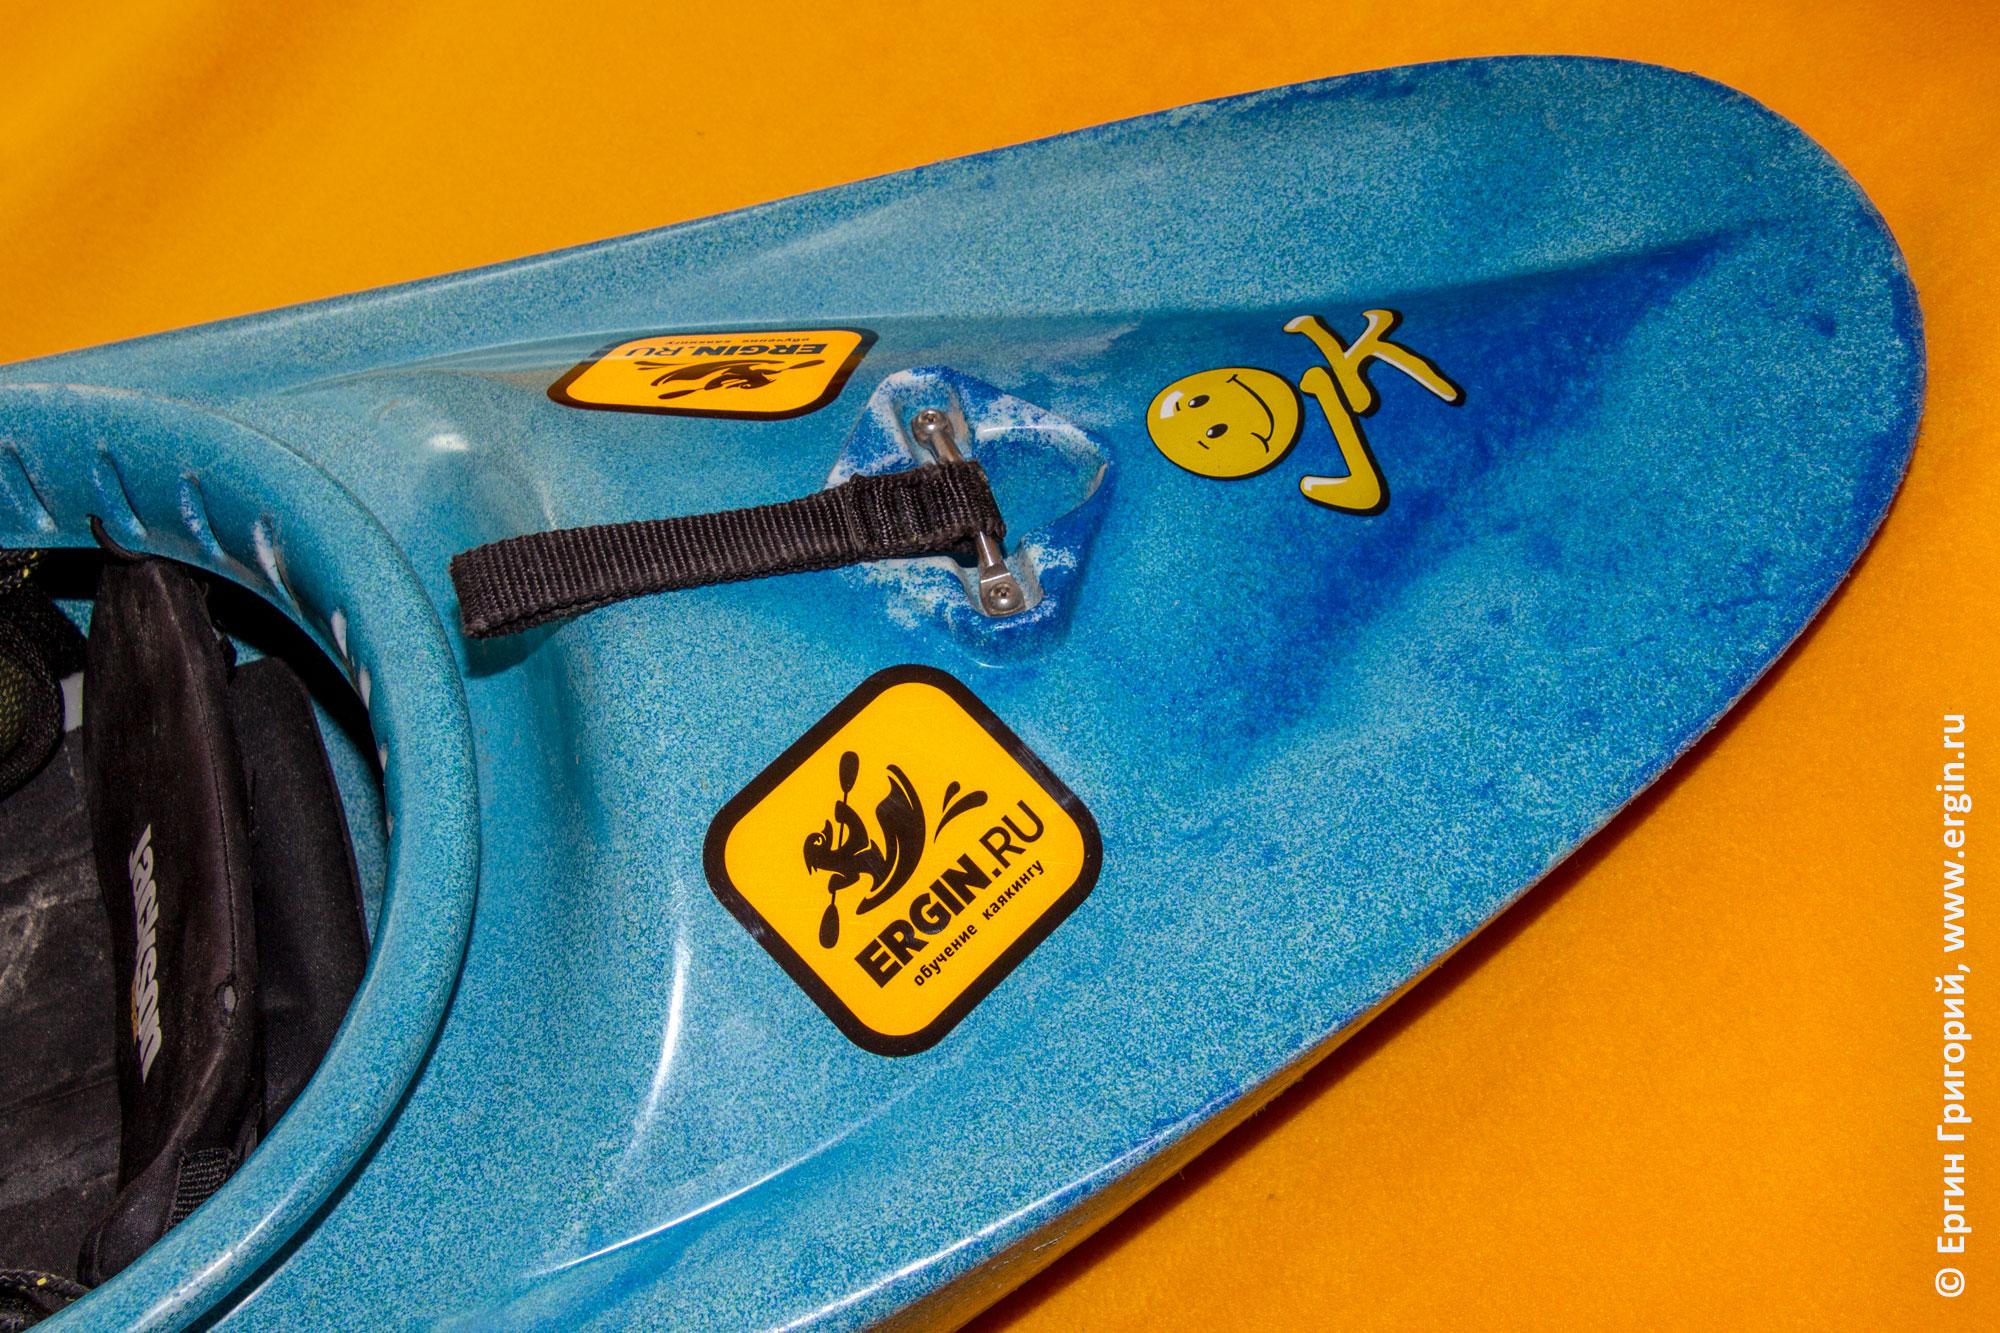 Корма Jackson Kayak Fun1 для ребенка